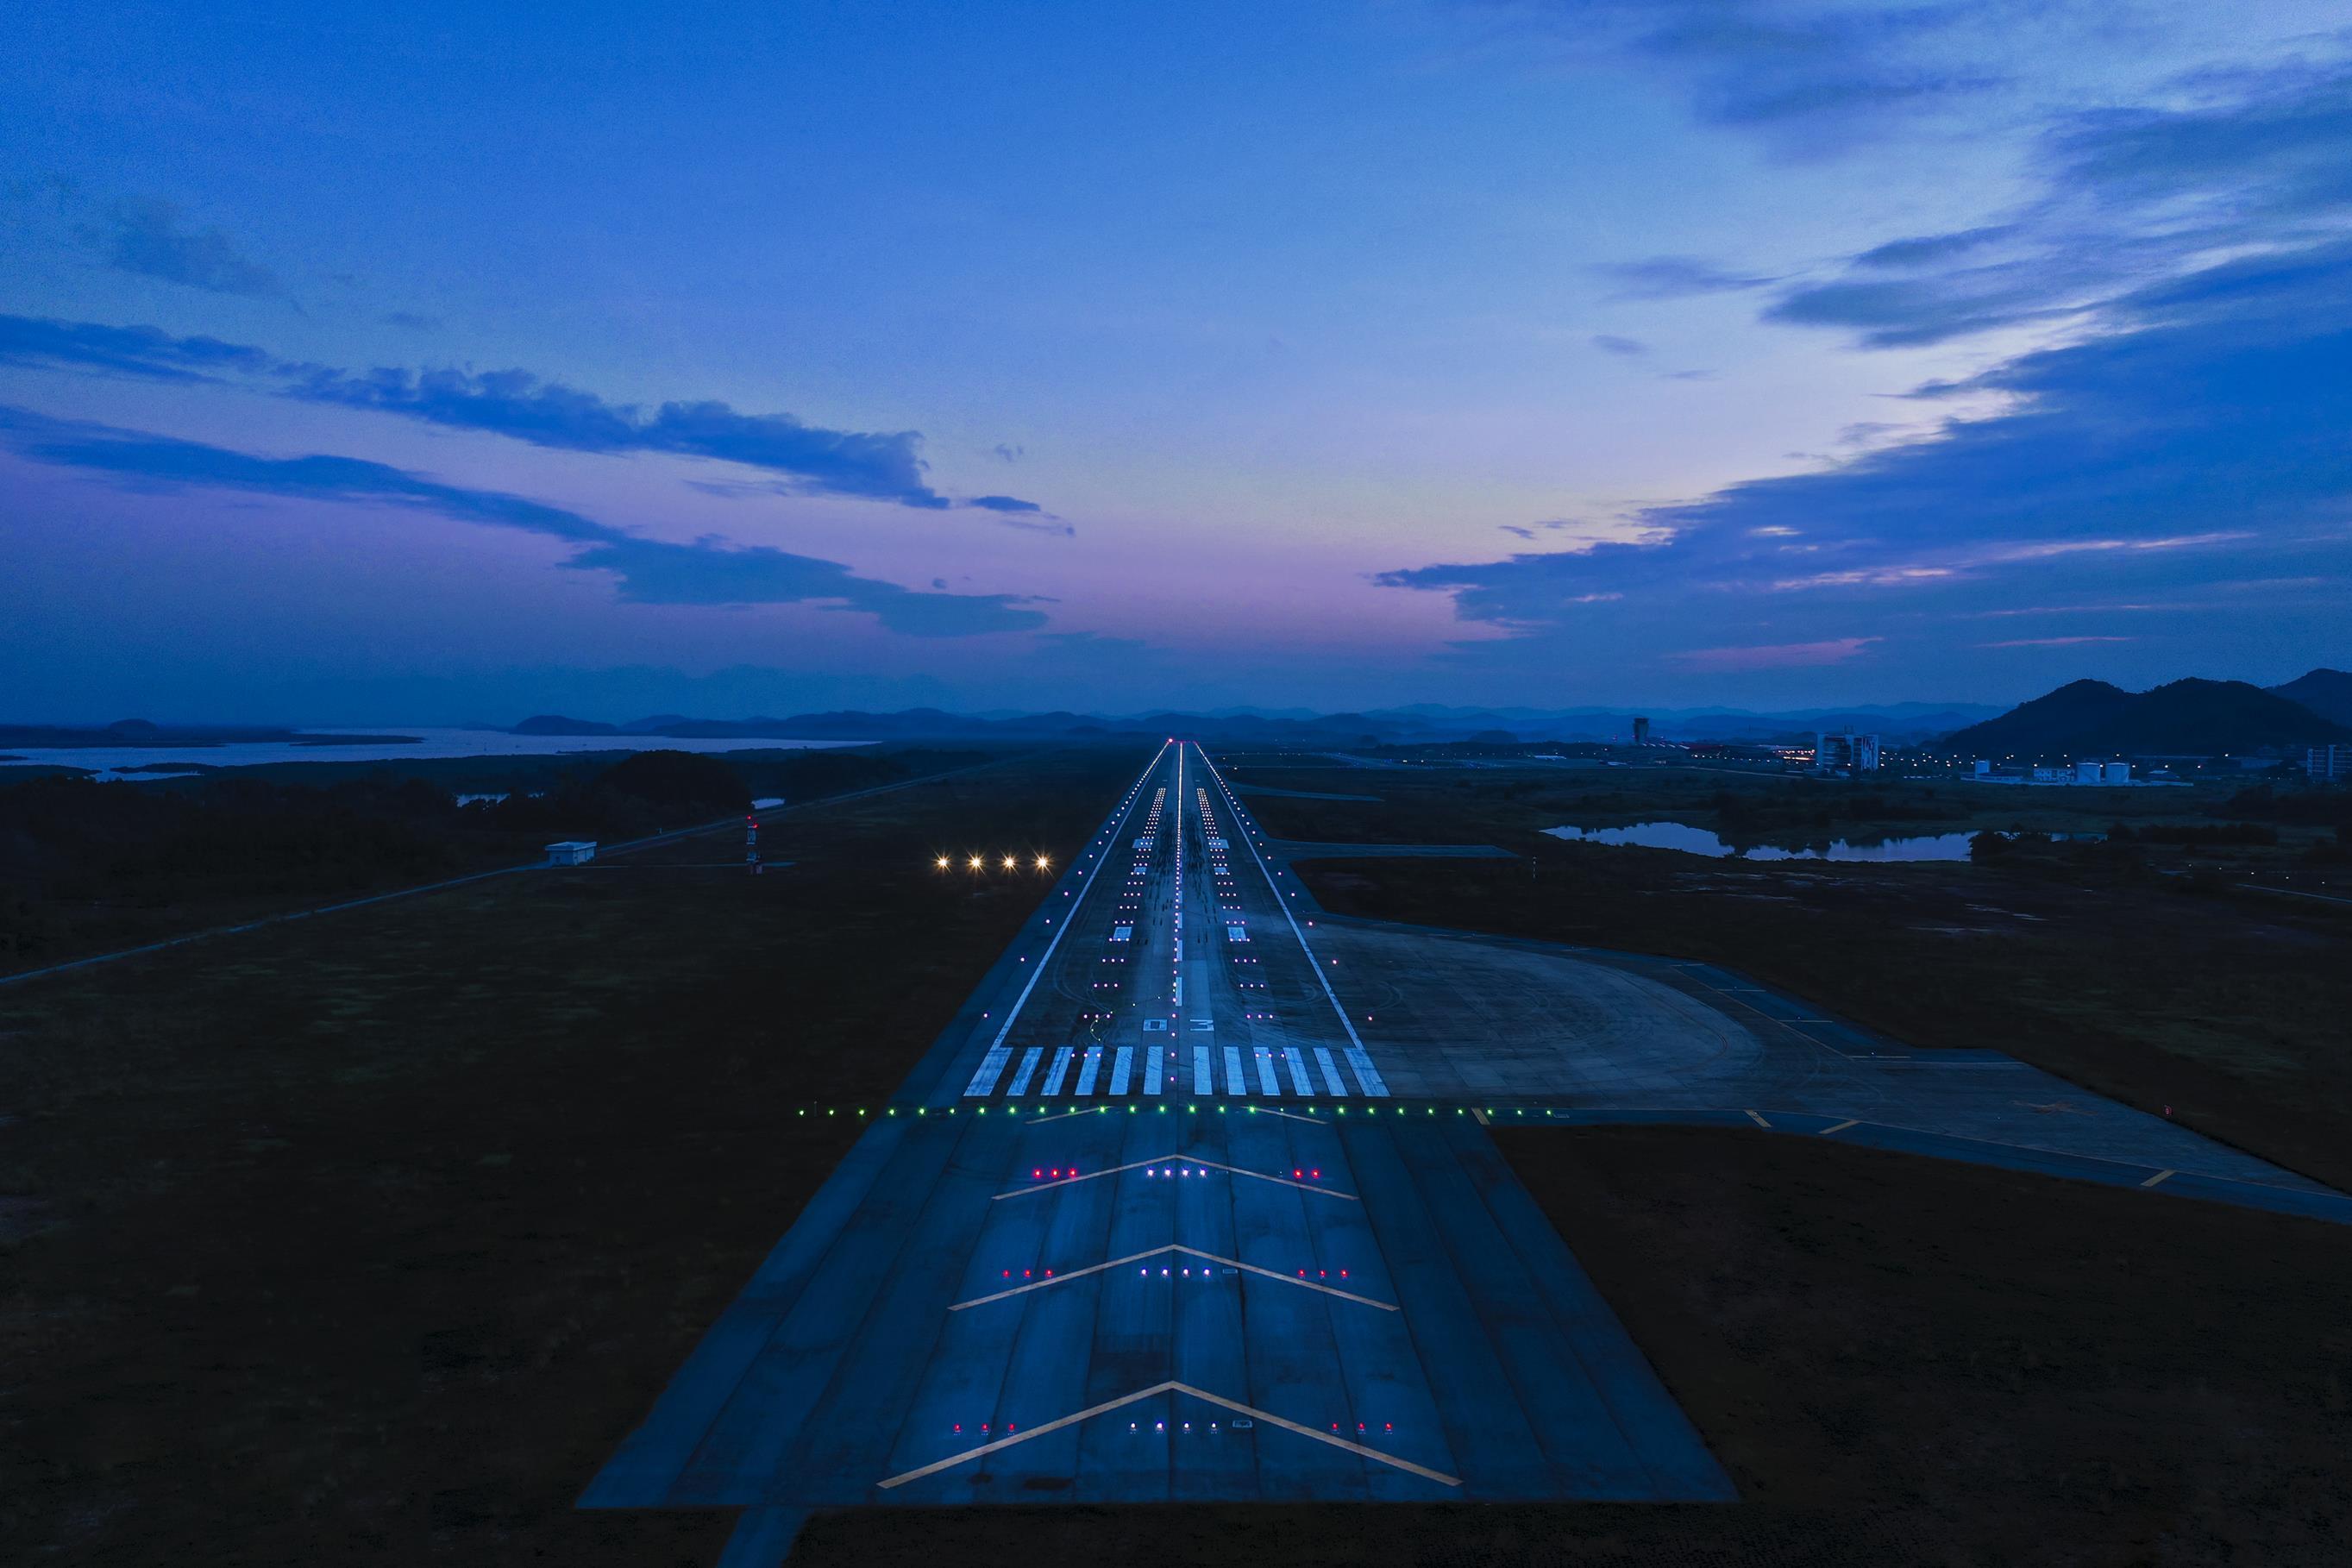 Hệ thống công nghệ tại sân bay hiện đại nhất Việt Nam có gì? 7